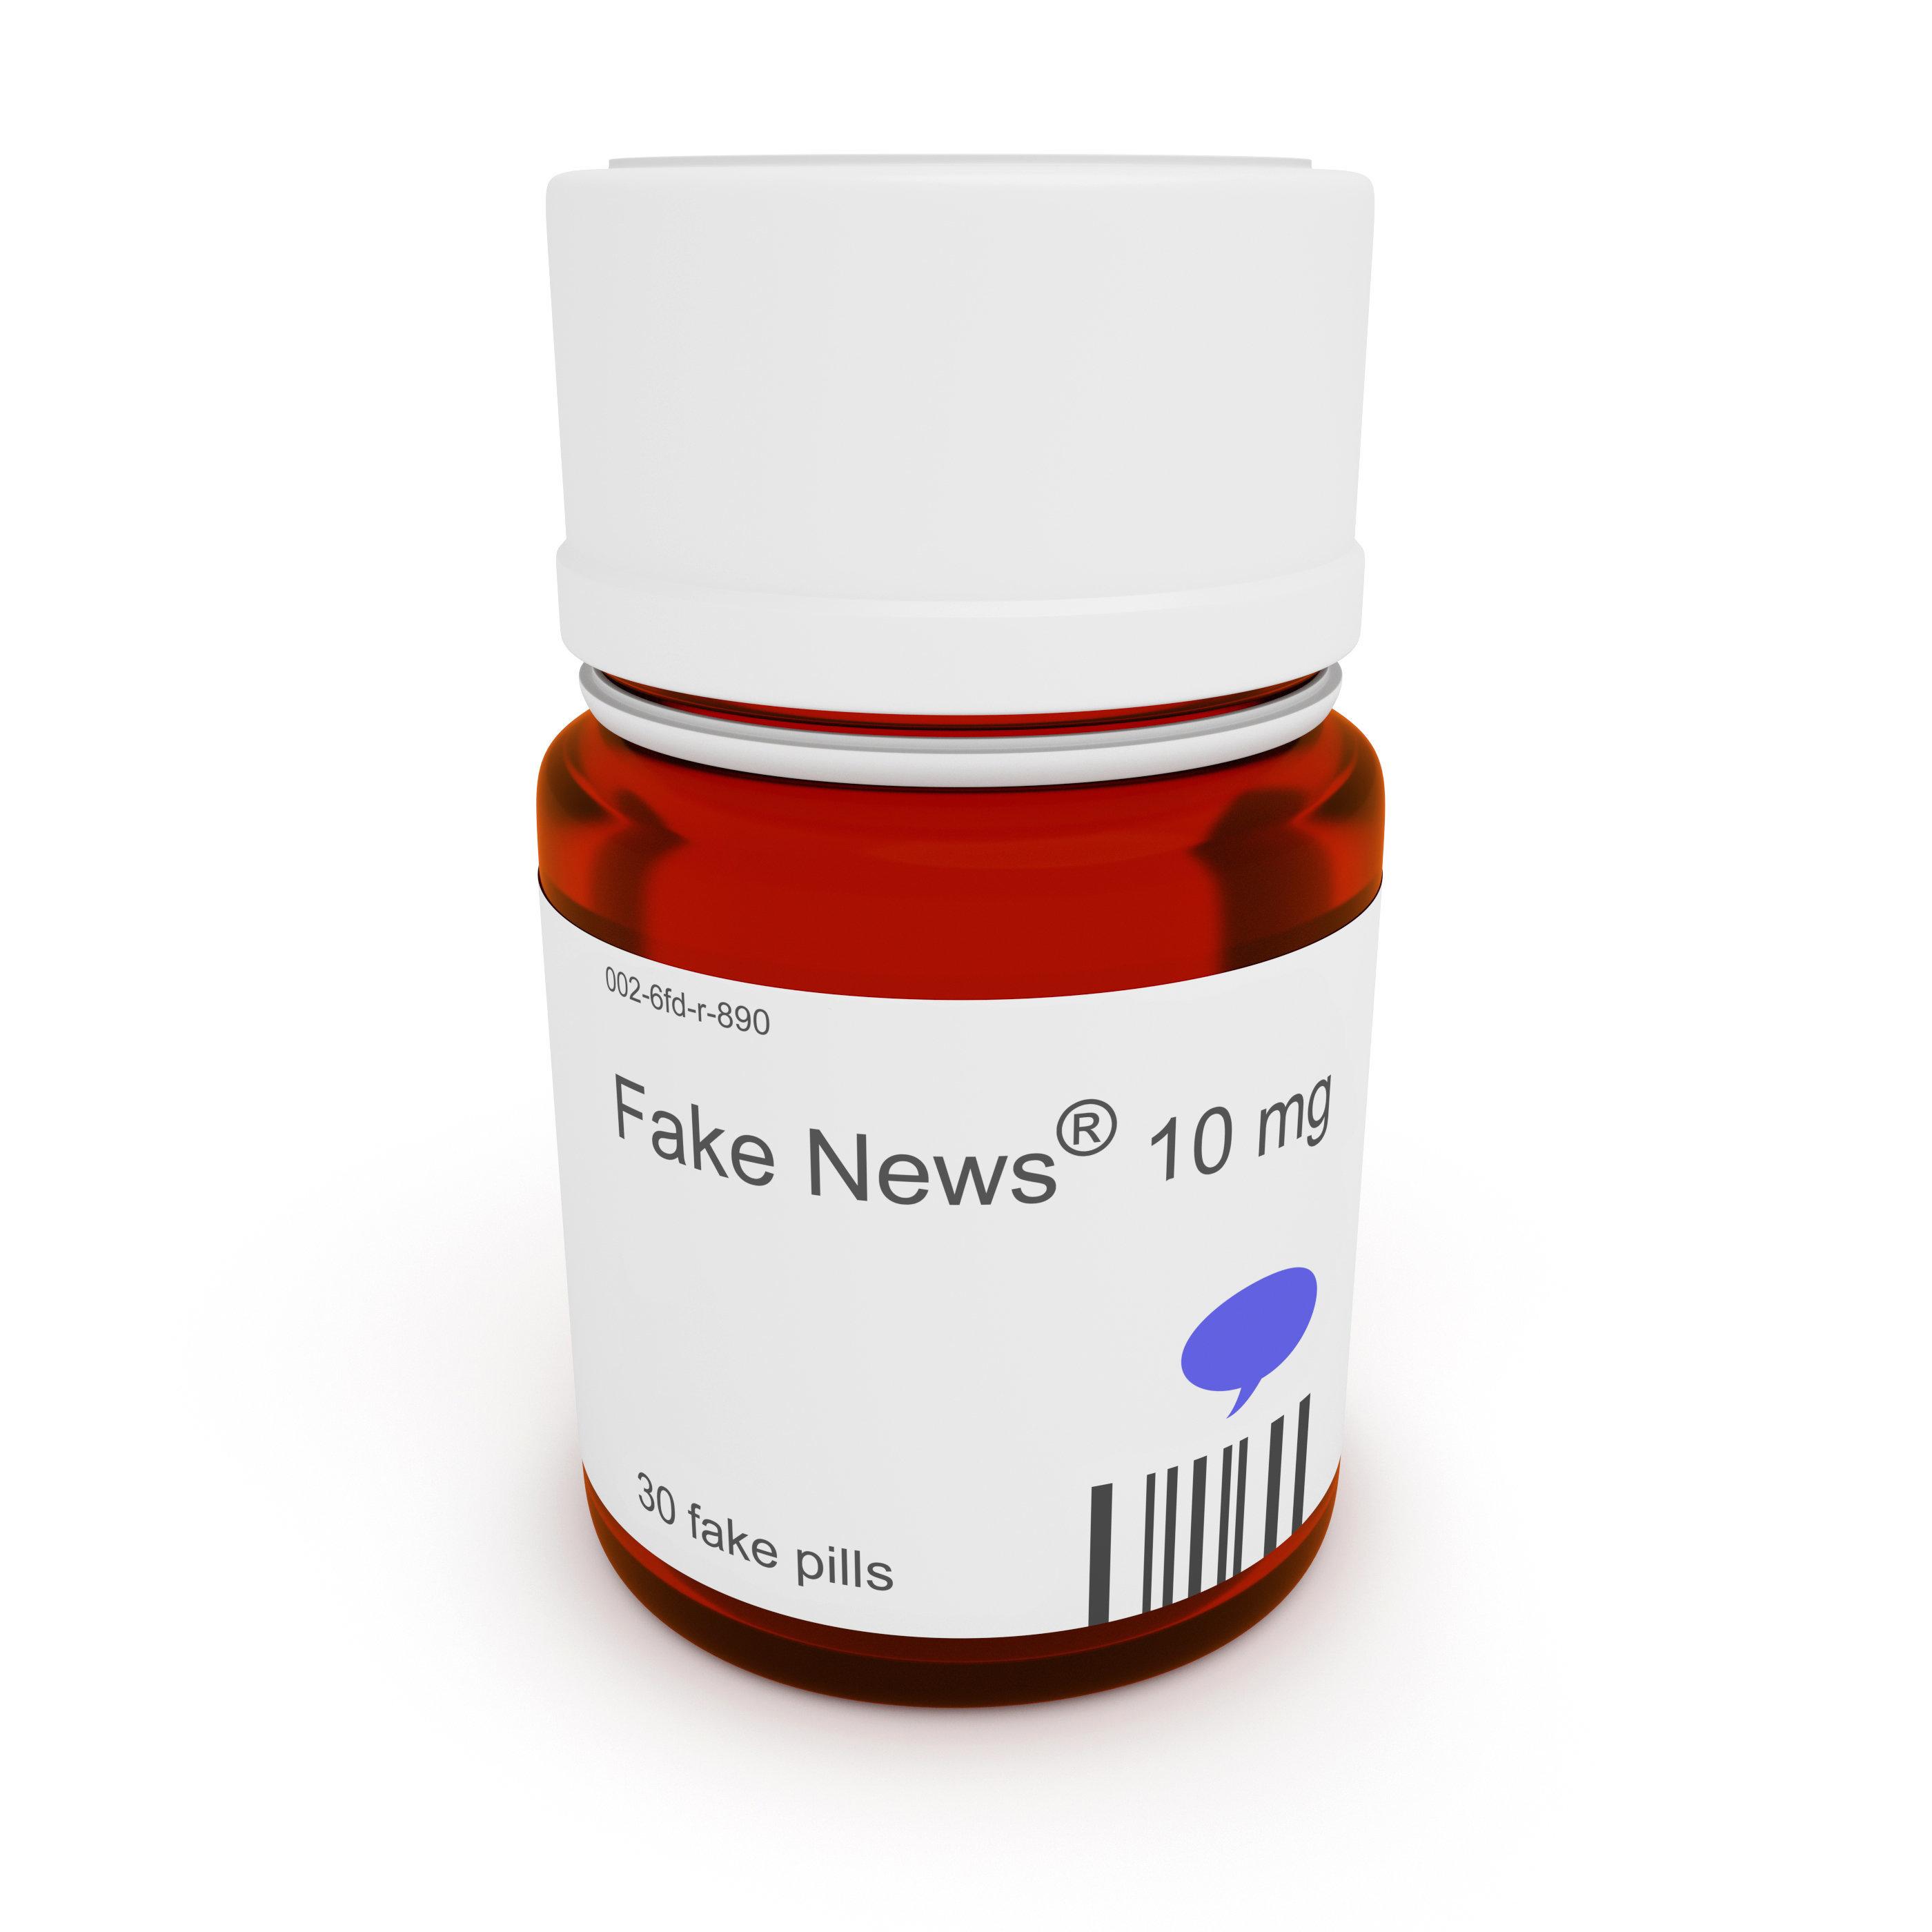 Será que é verdade? Ministério da Saúde responde se são fake news informações recebidas pelo